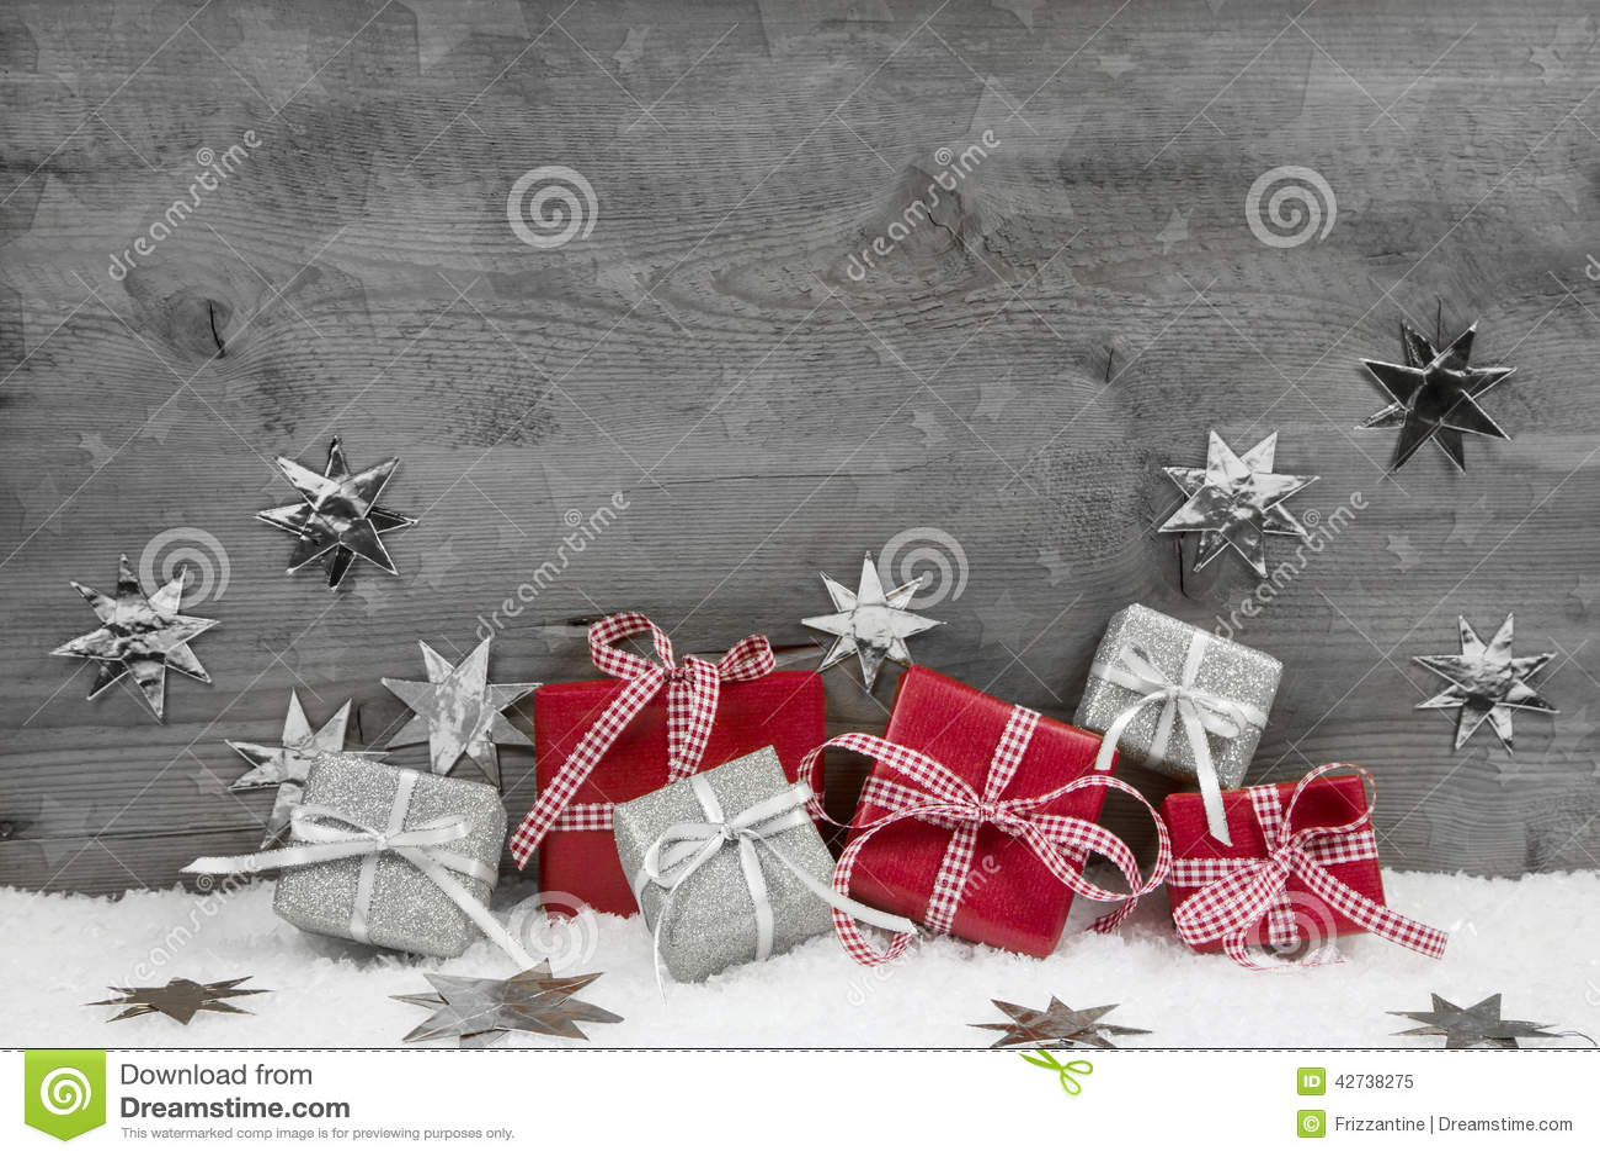 Regalos de Navidad en rojo y plata en fondo gris de madera